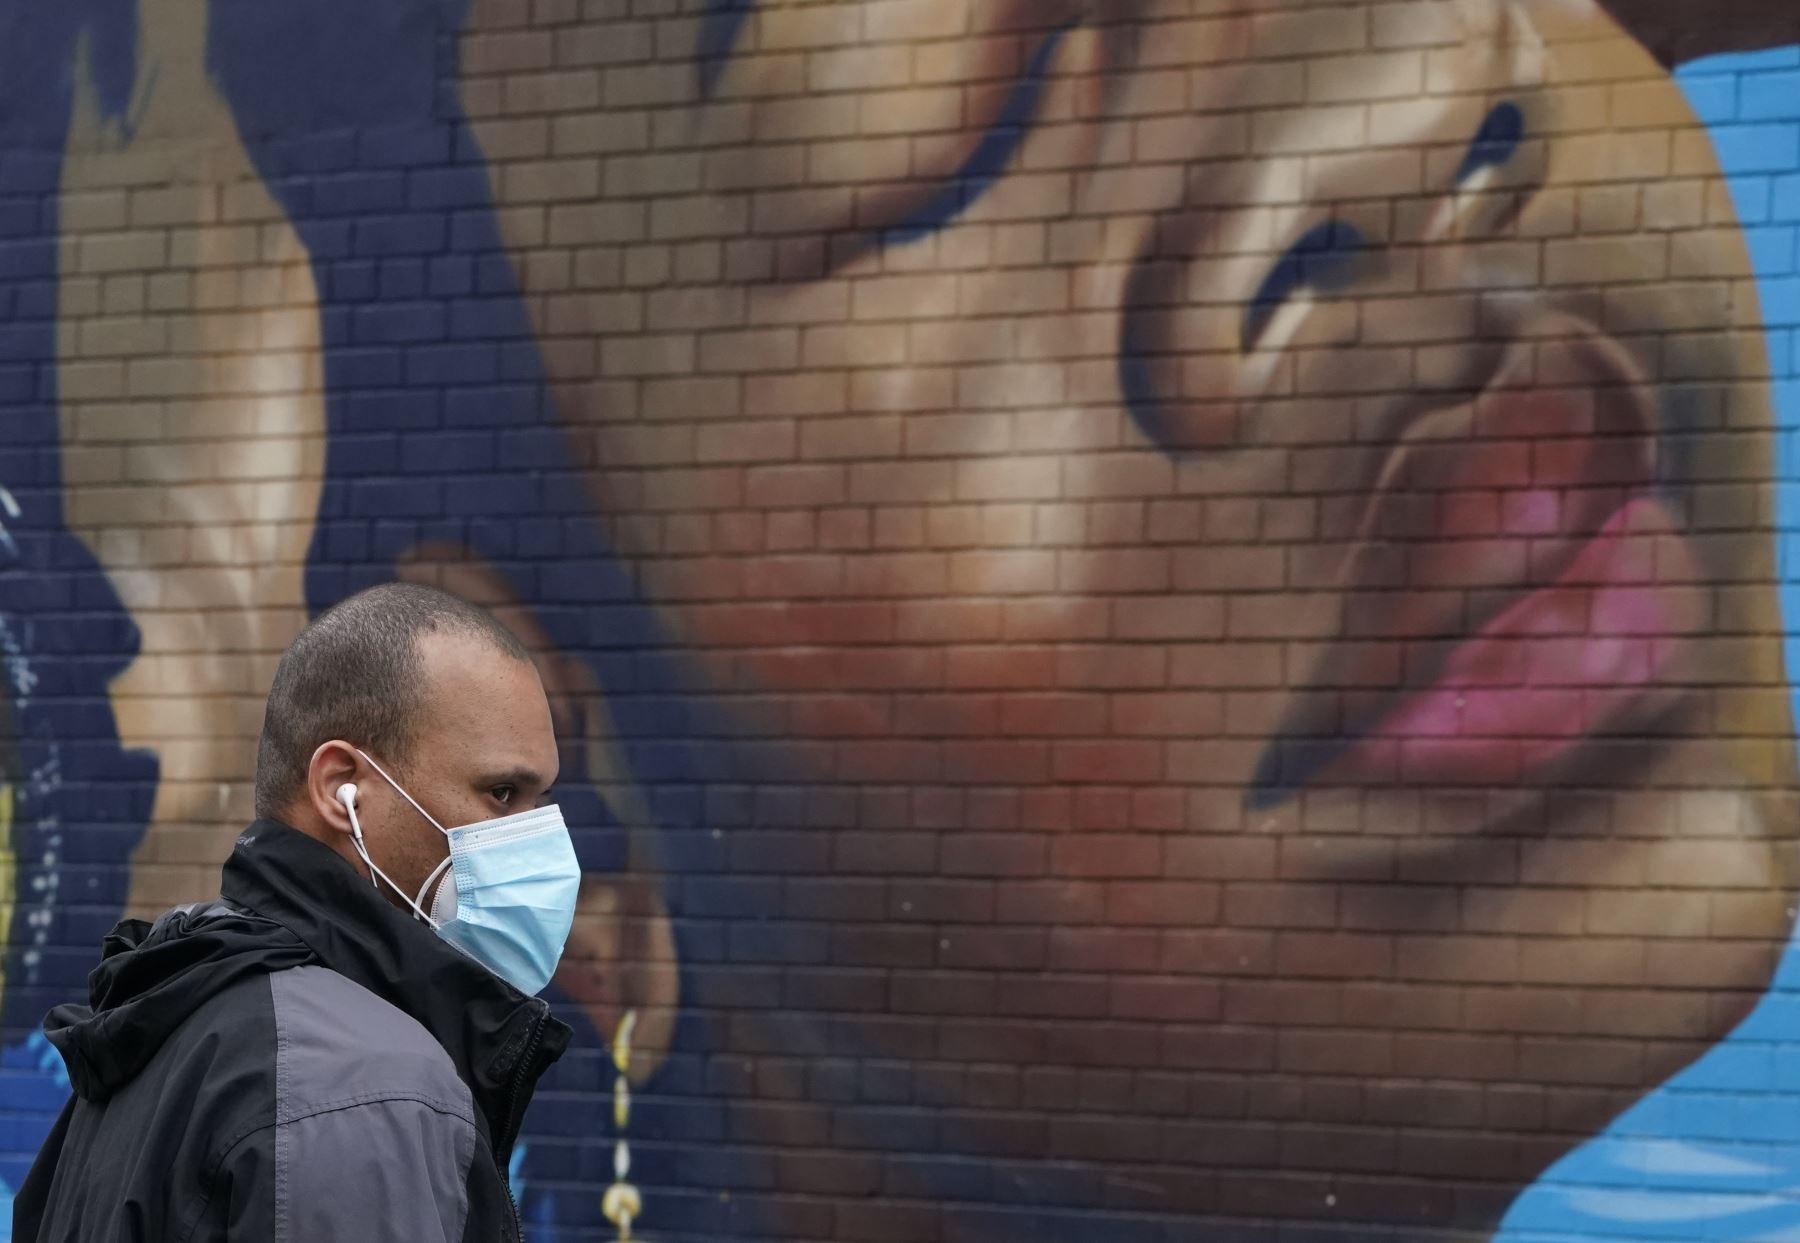 Un total de 123,085 nuevas infecciones se registraron del miércoles al jueves así como 1,226 muertes, según el recuento de la institución de Baltimore (noreste). Foto: AFP